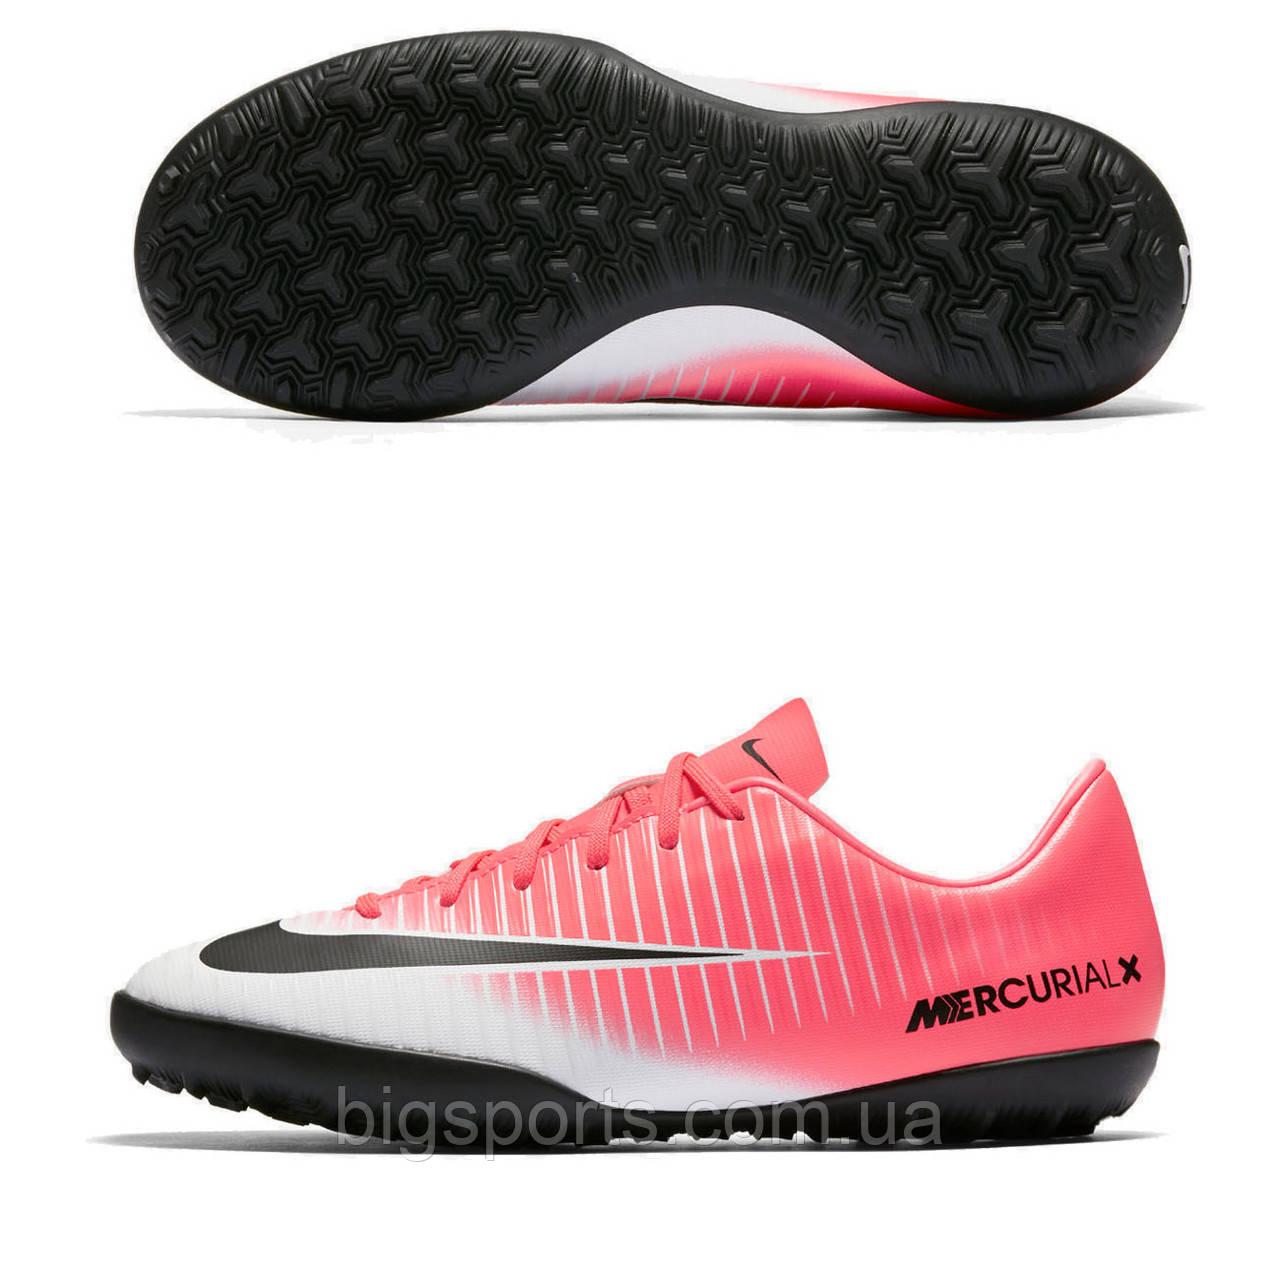 Бутсы дет. для игры на жестких покрытиях Nike Mercurial Vapor XI TF (арт. 831949-601)